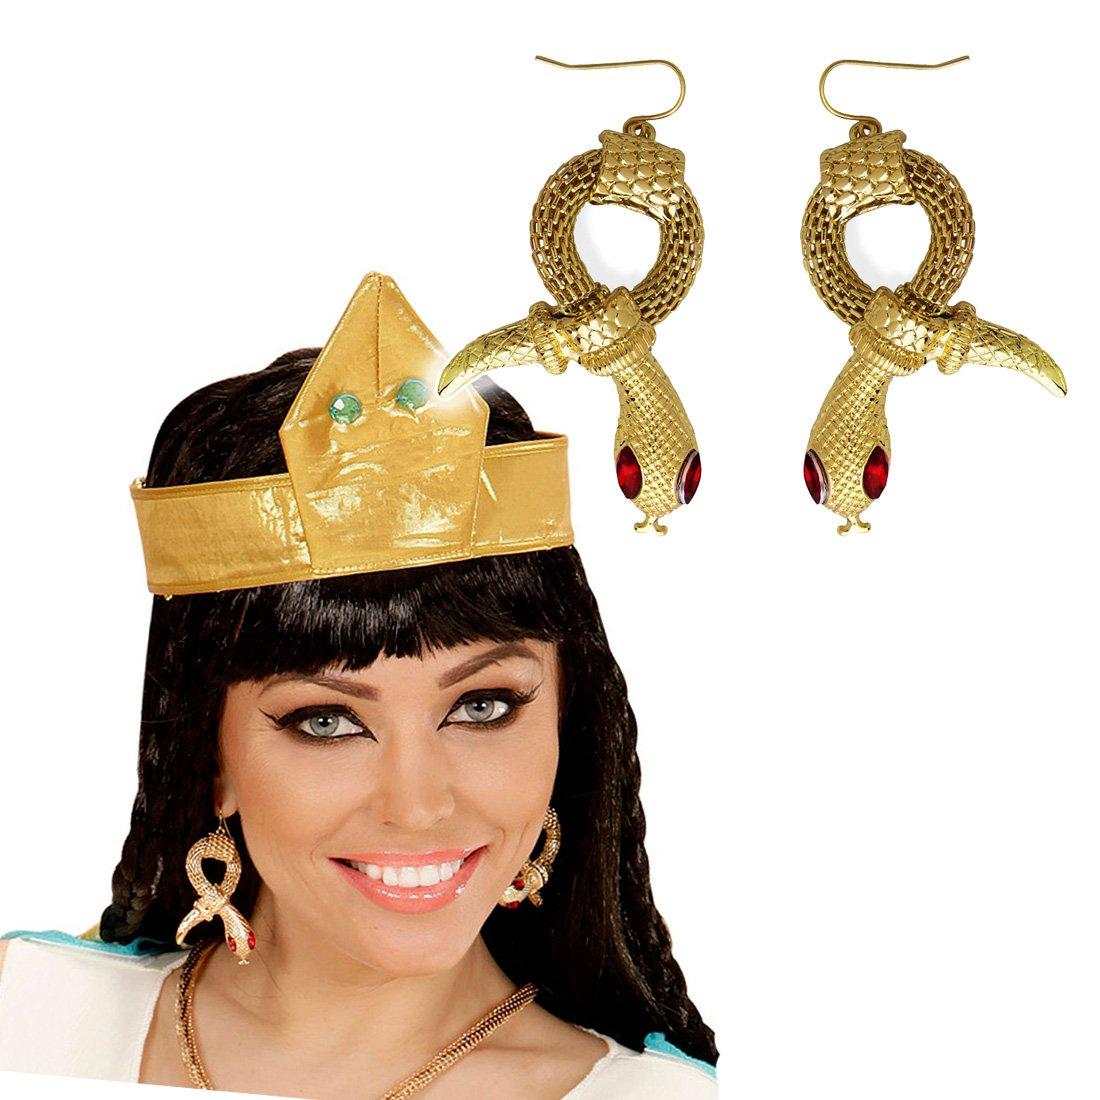 Amakando Aros Cleopatra Pendientes de Serpiente faraona Joyas Reina egipcia Accesorio Disfraz Mujer Clips Orejas egipcios Bisutería de Diosa de la ...